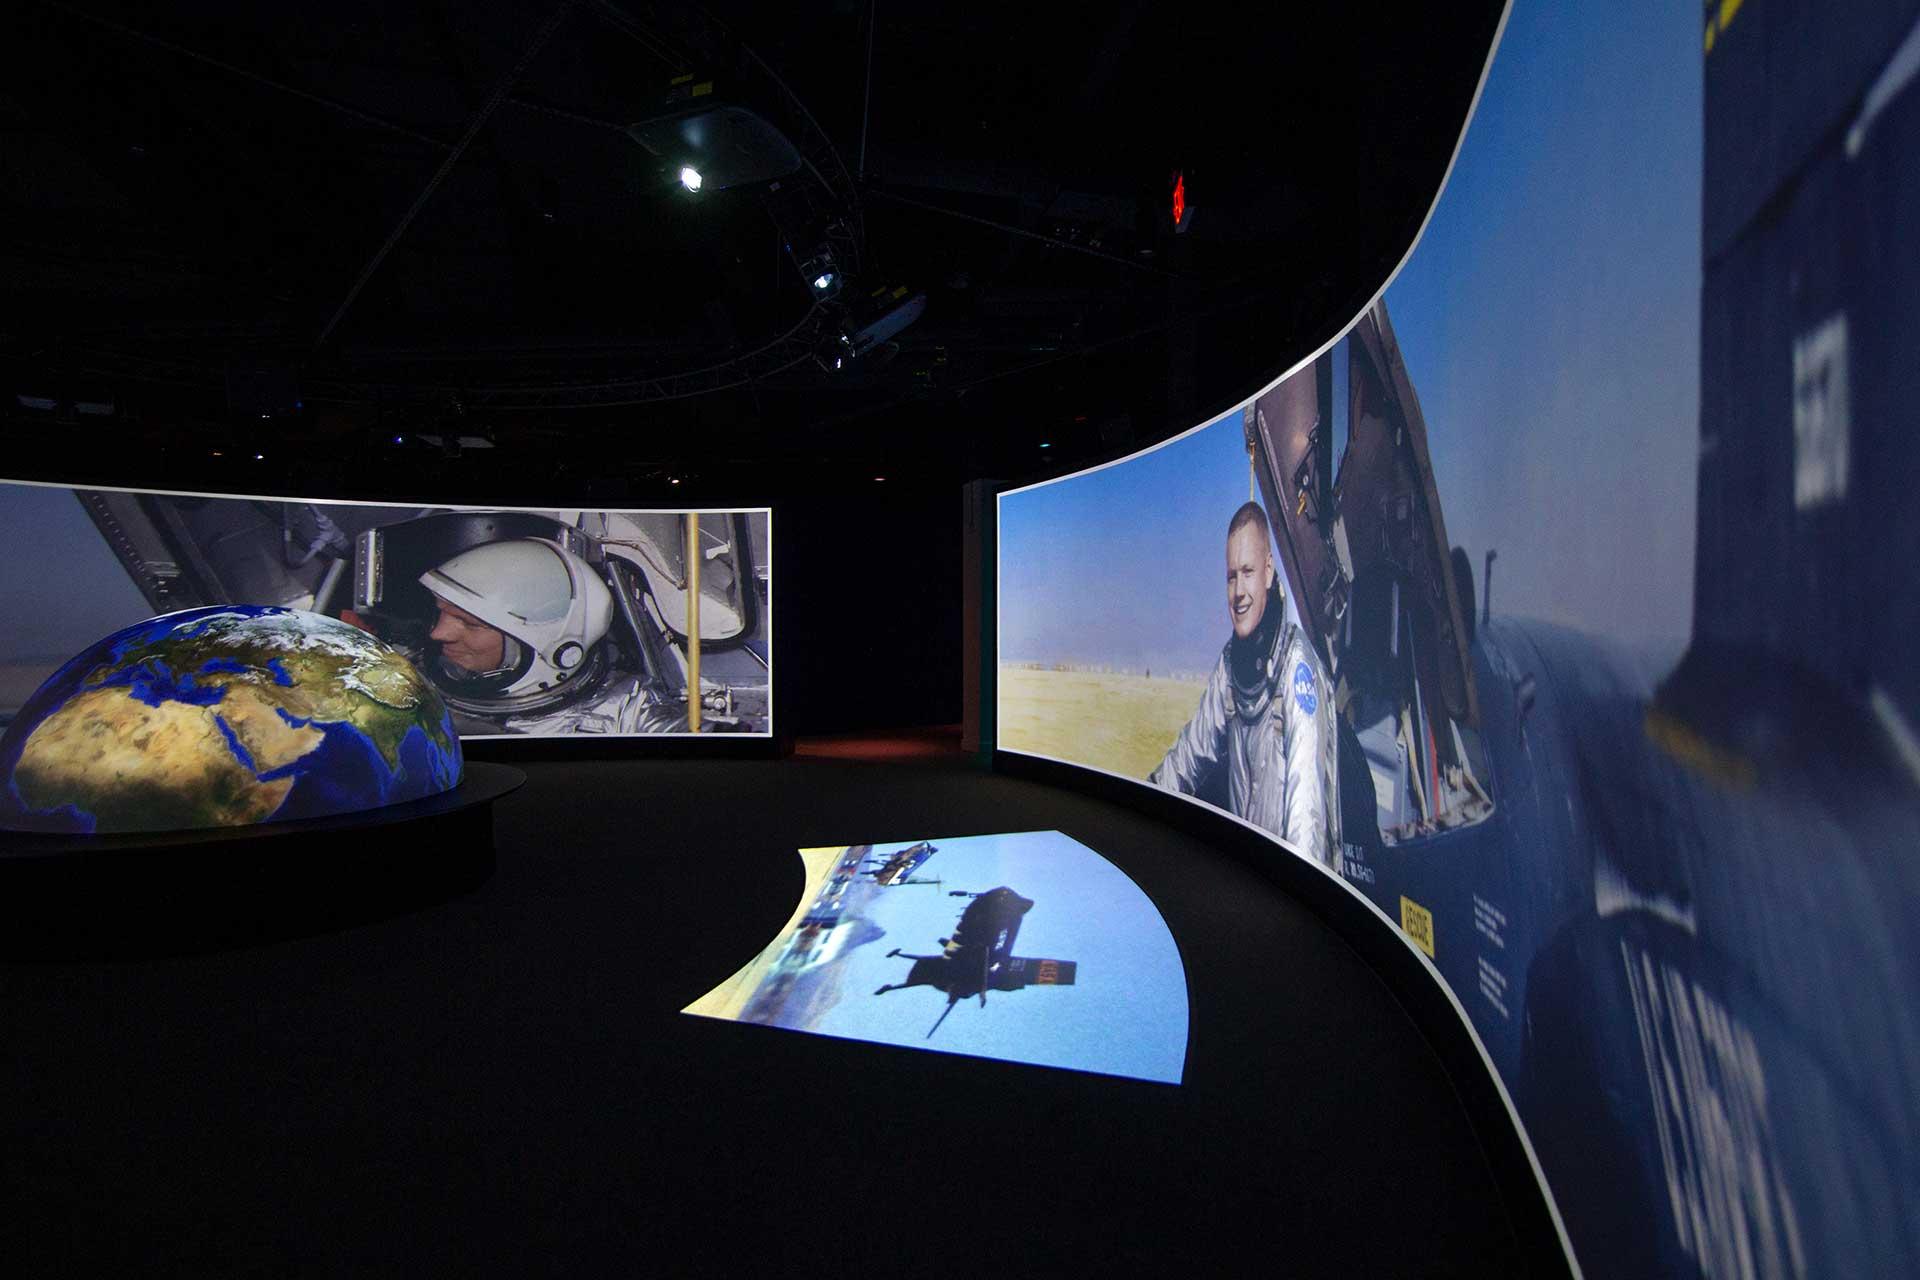 Neil Armstrong Experience, Cincinnati Museum Center